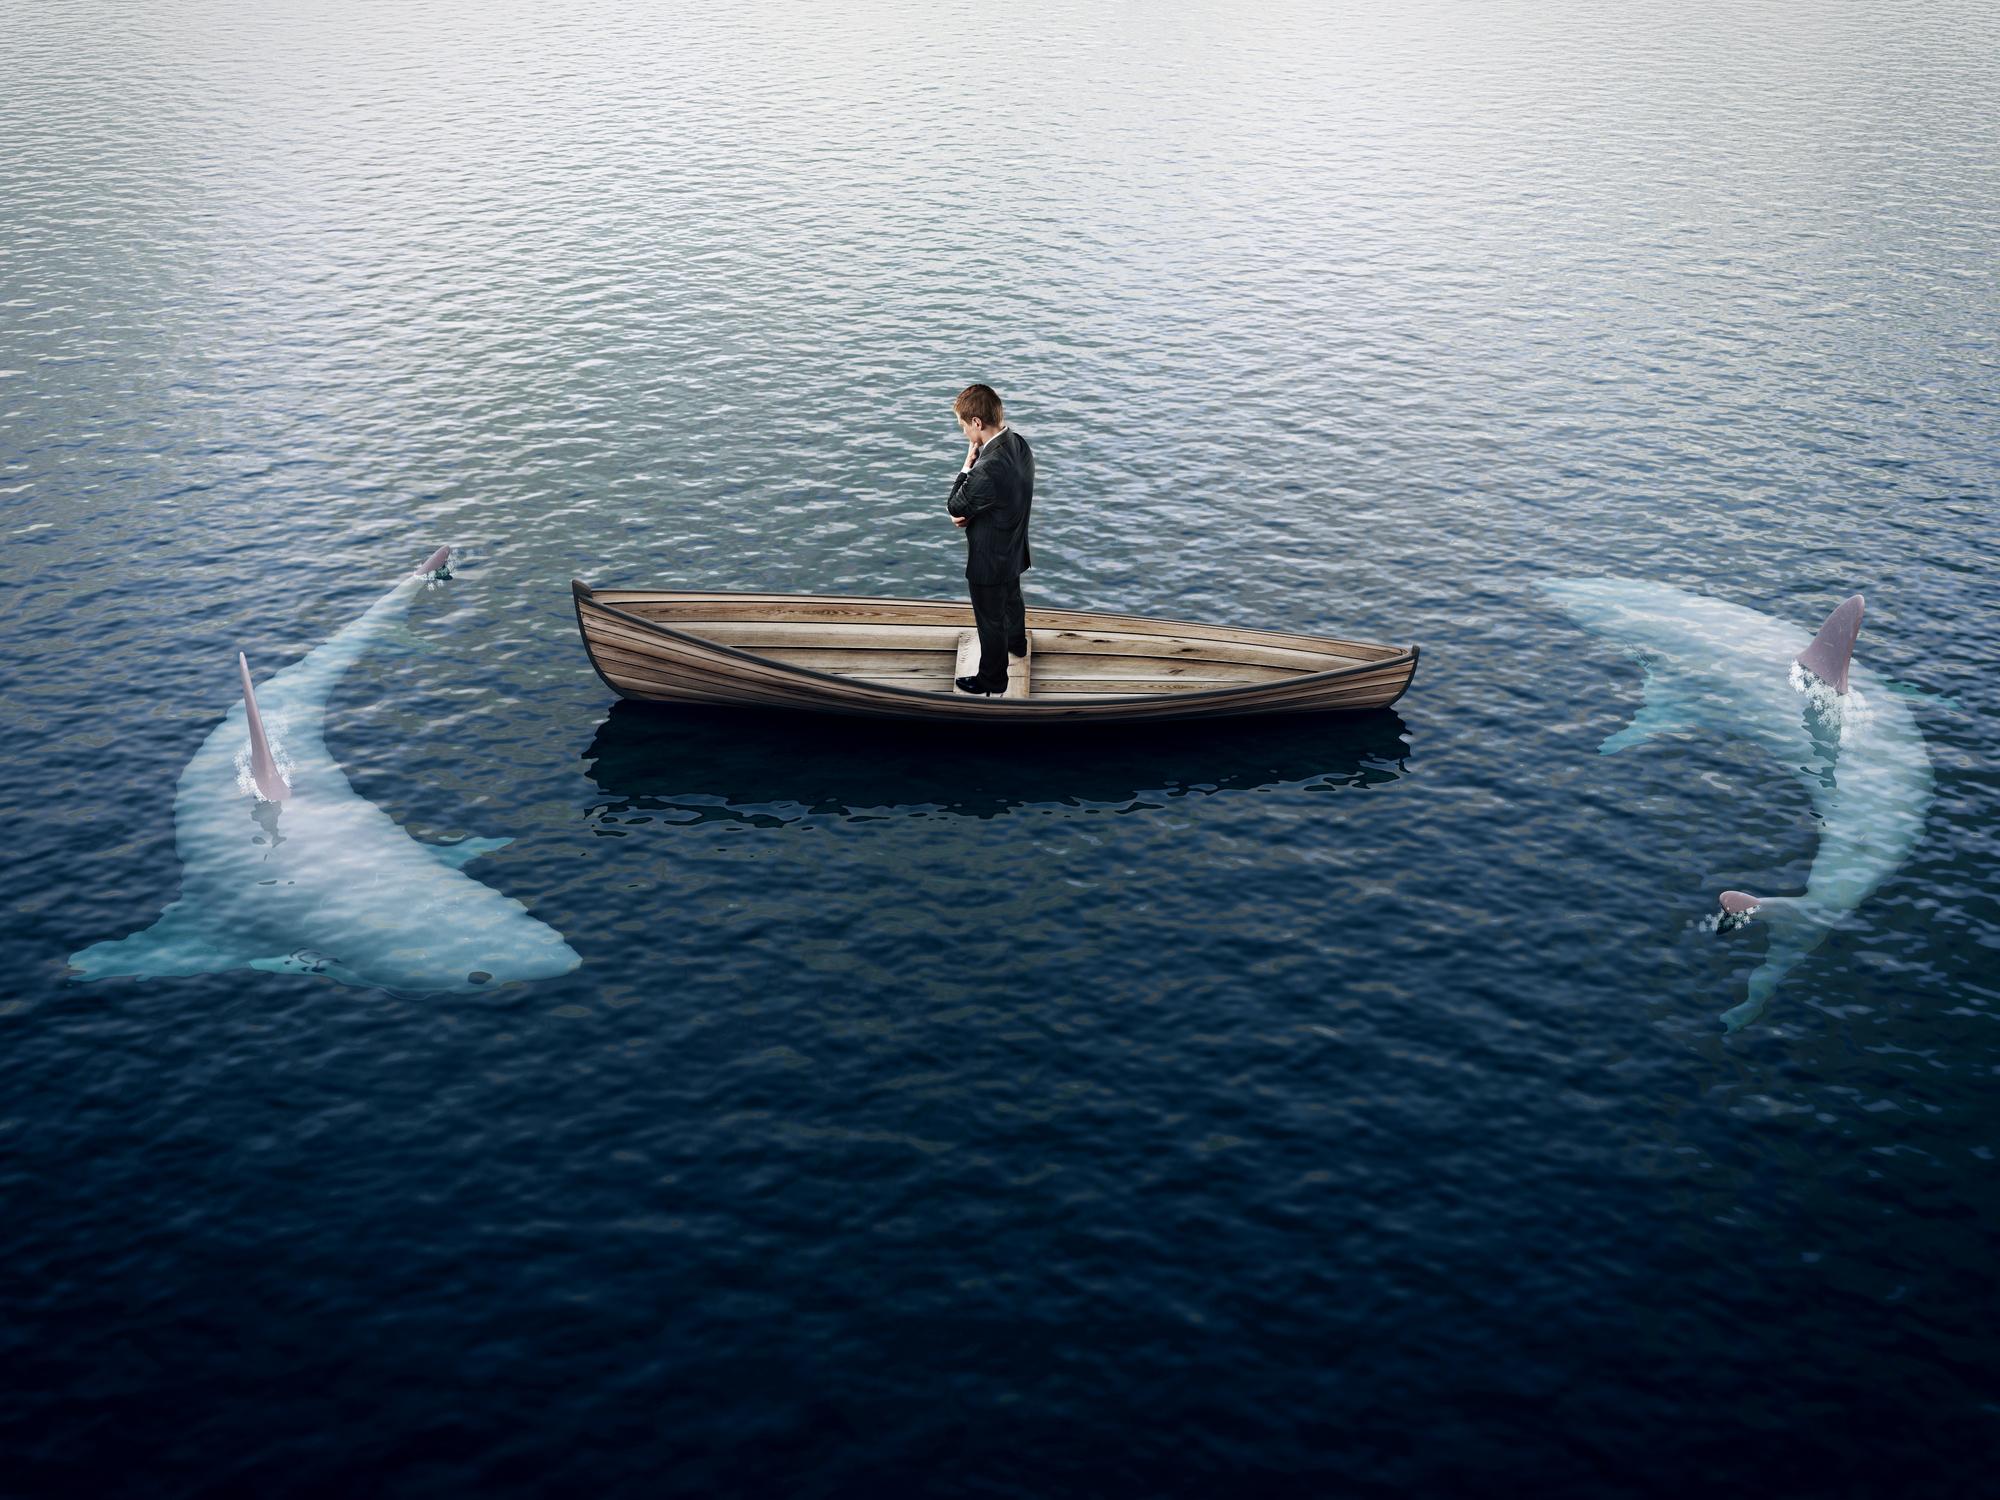 Sharks circling man in boat.